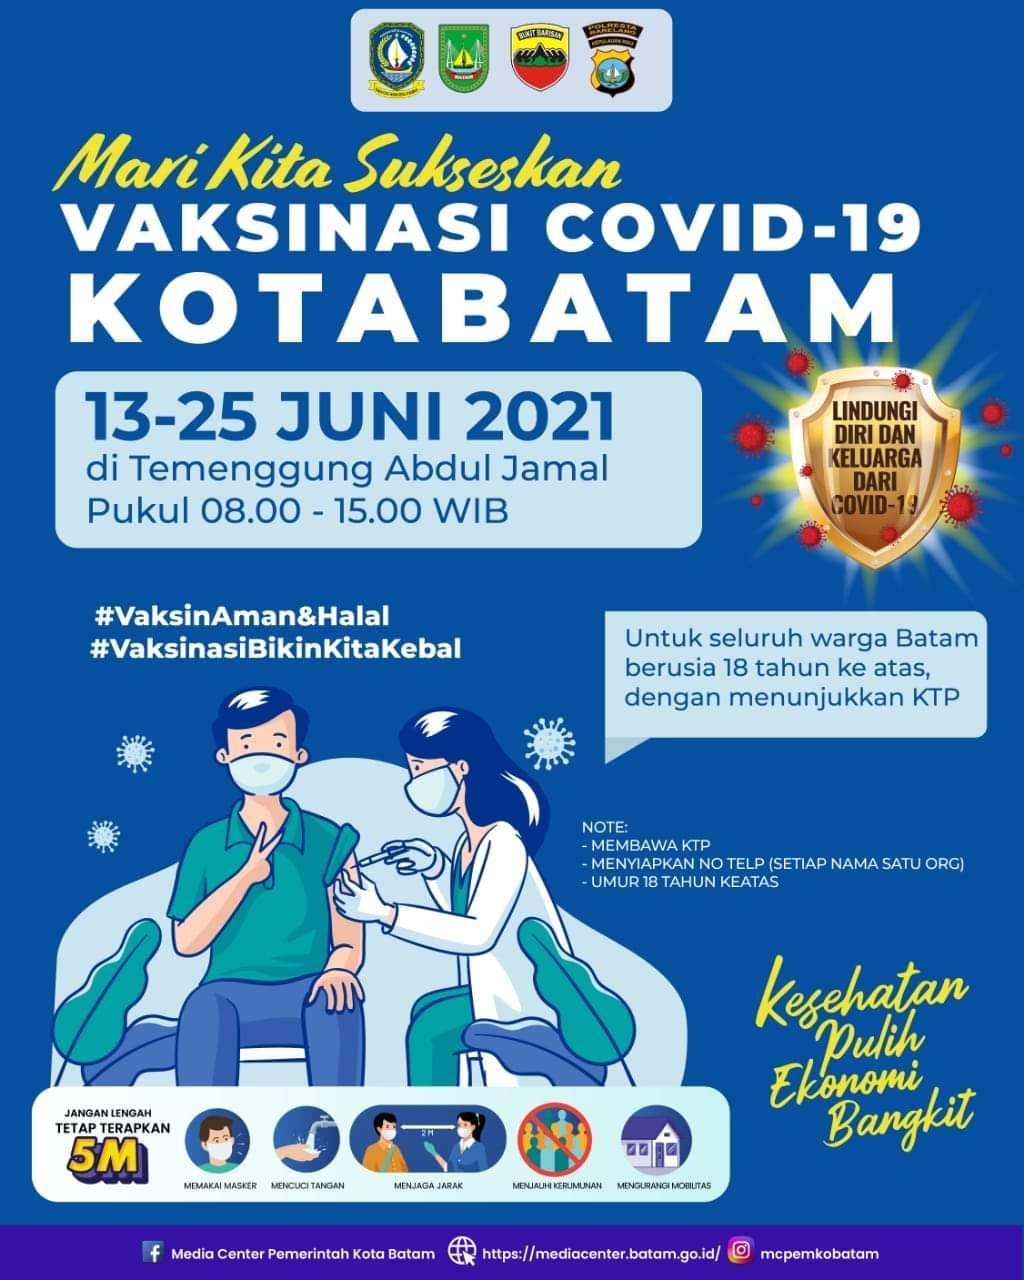 Sukseskan Vaksinasi, Pemerintah Pusatkan  Vaksinasi Covid-19 di Stadion Temenggung Abdul Jamal